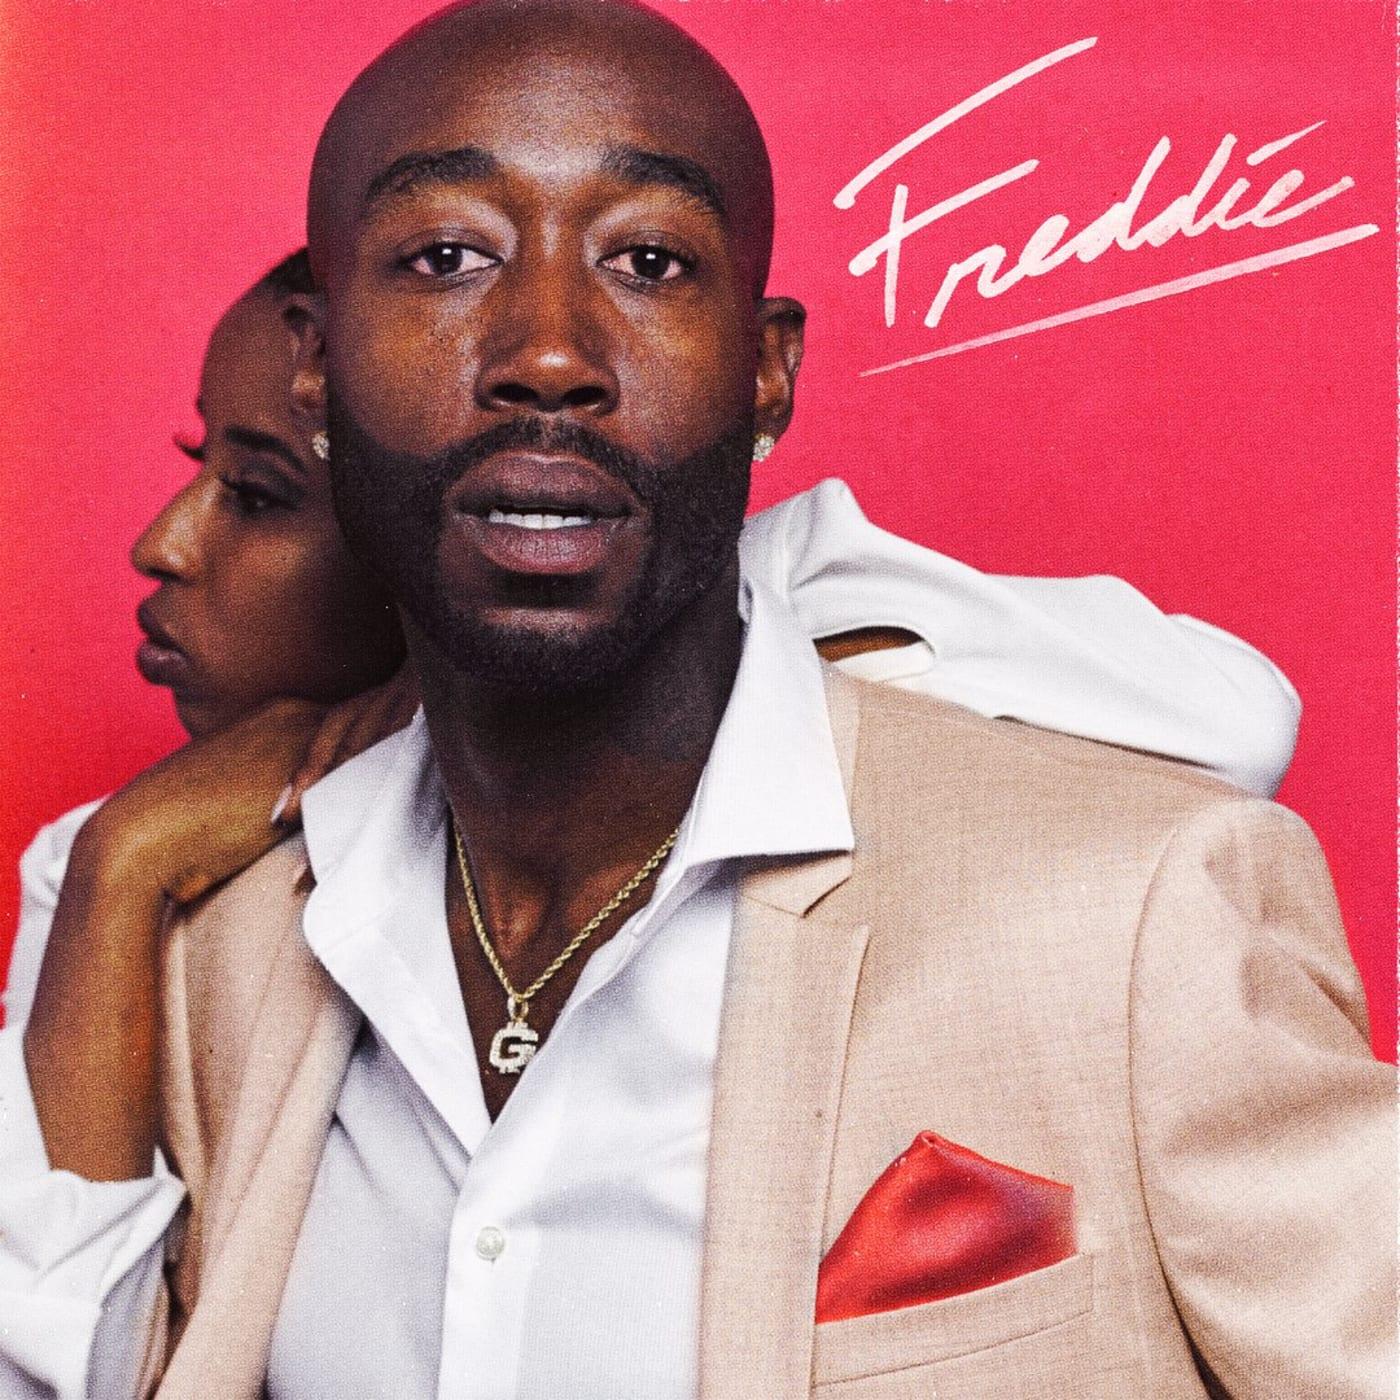 freddie gibbs freddie mixtape